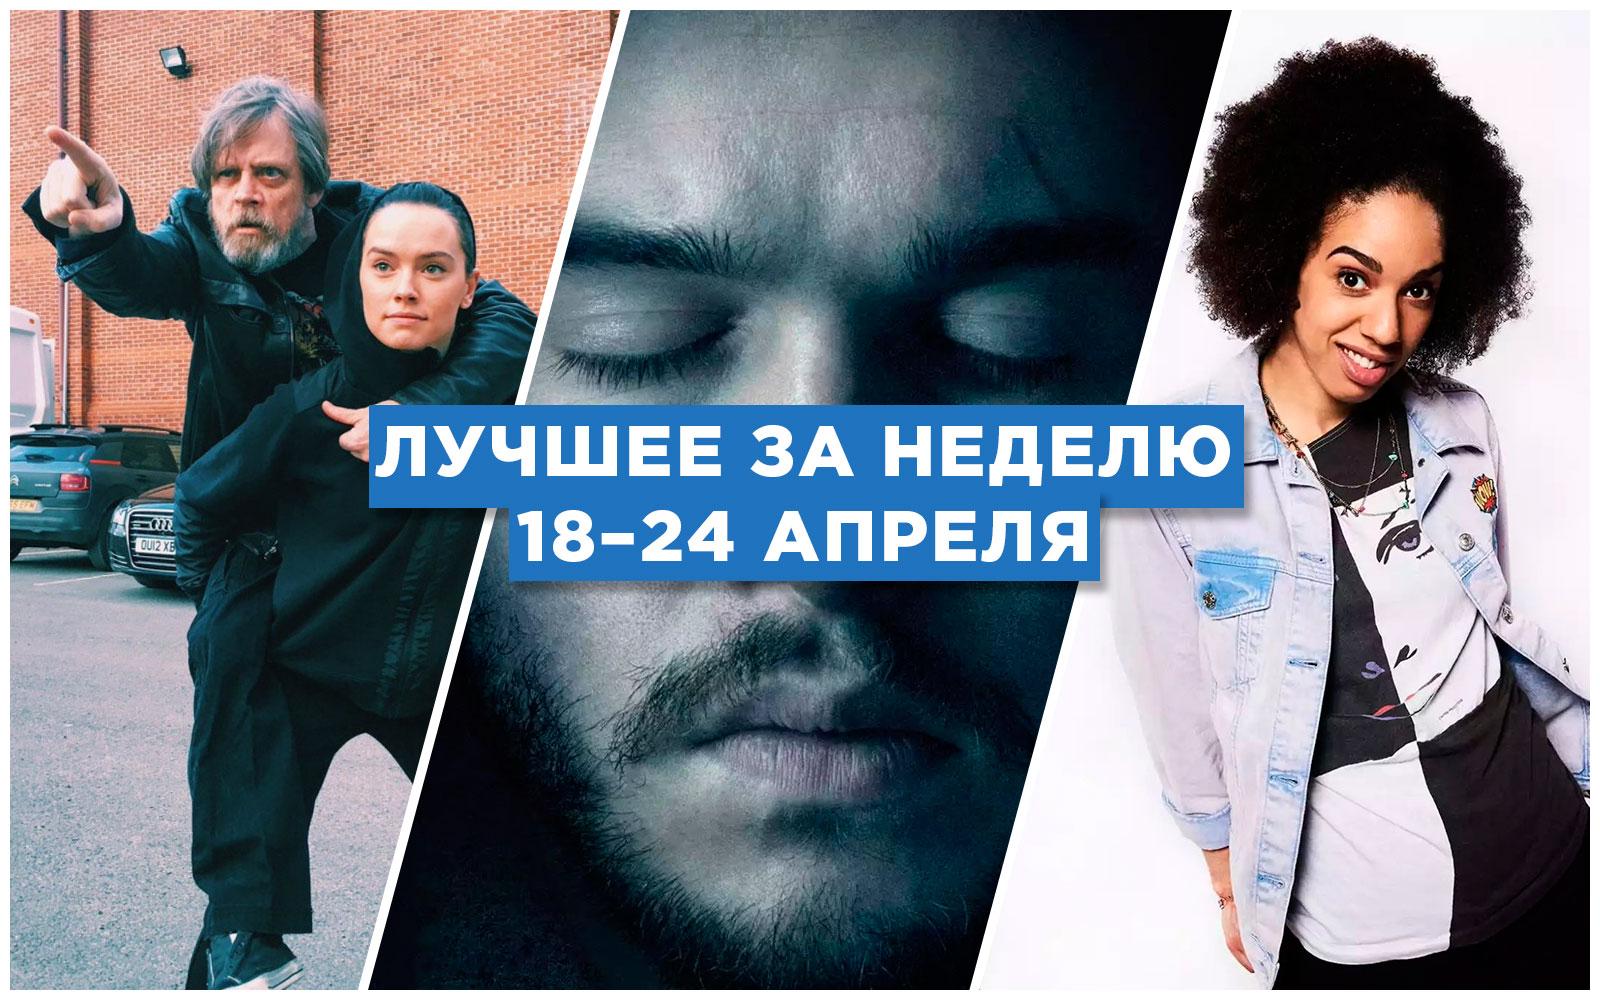 mirf-weekly-22